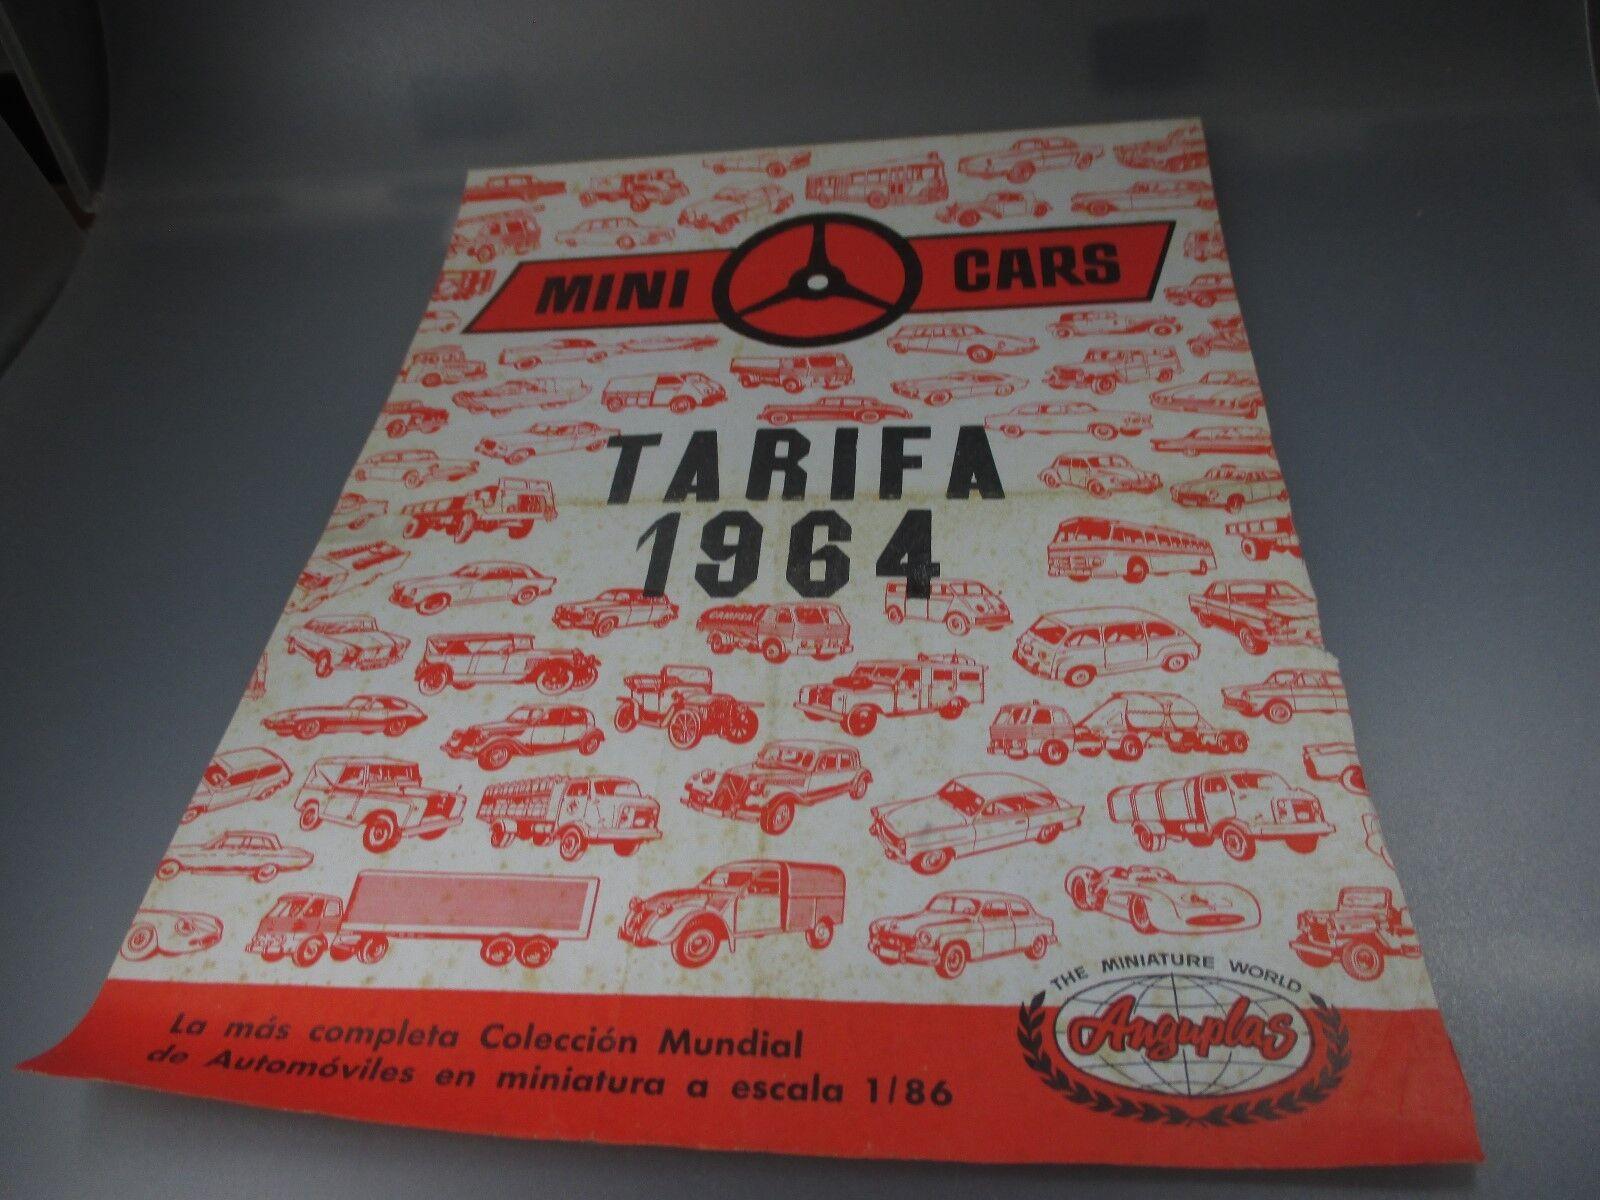 Descuento del 70% barato Anguplas MiniCoches  Gesamtprogramm Tarifa de Precios Precios Precios 1964 (GK76)  mejor calidad mejor precio